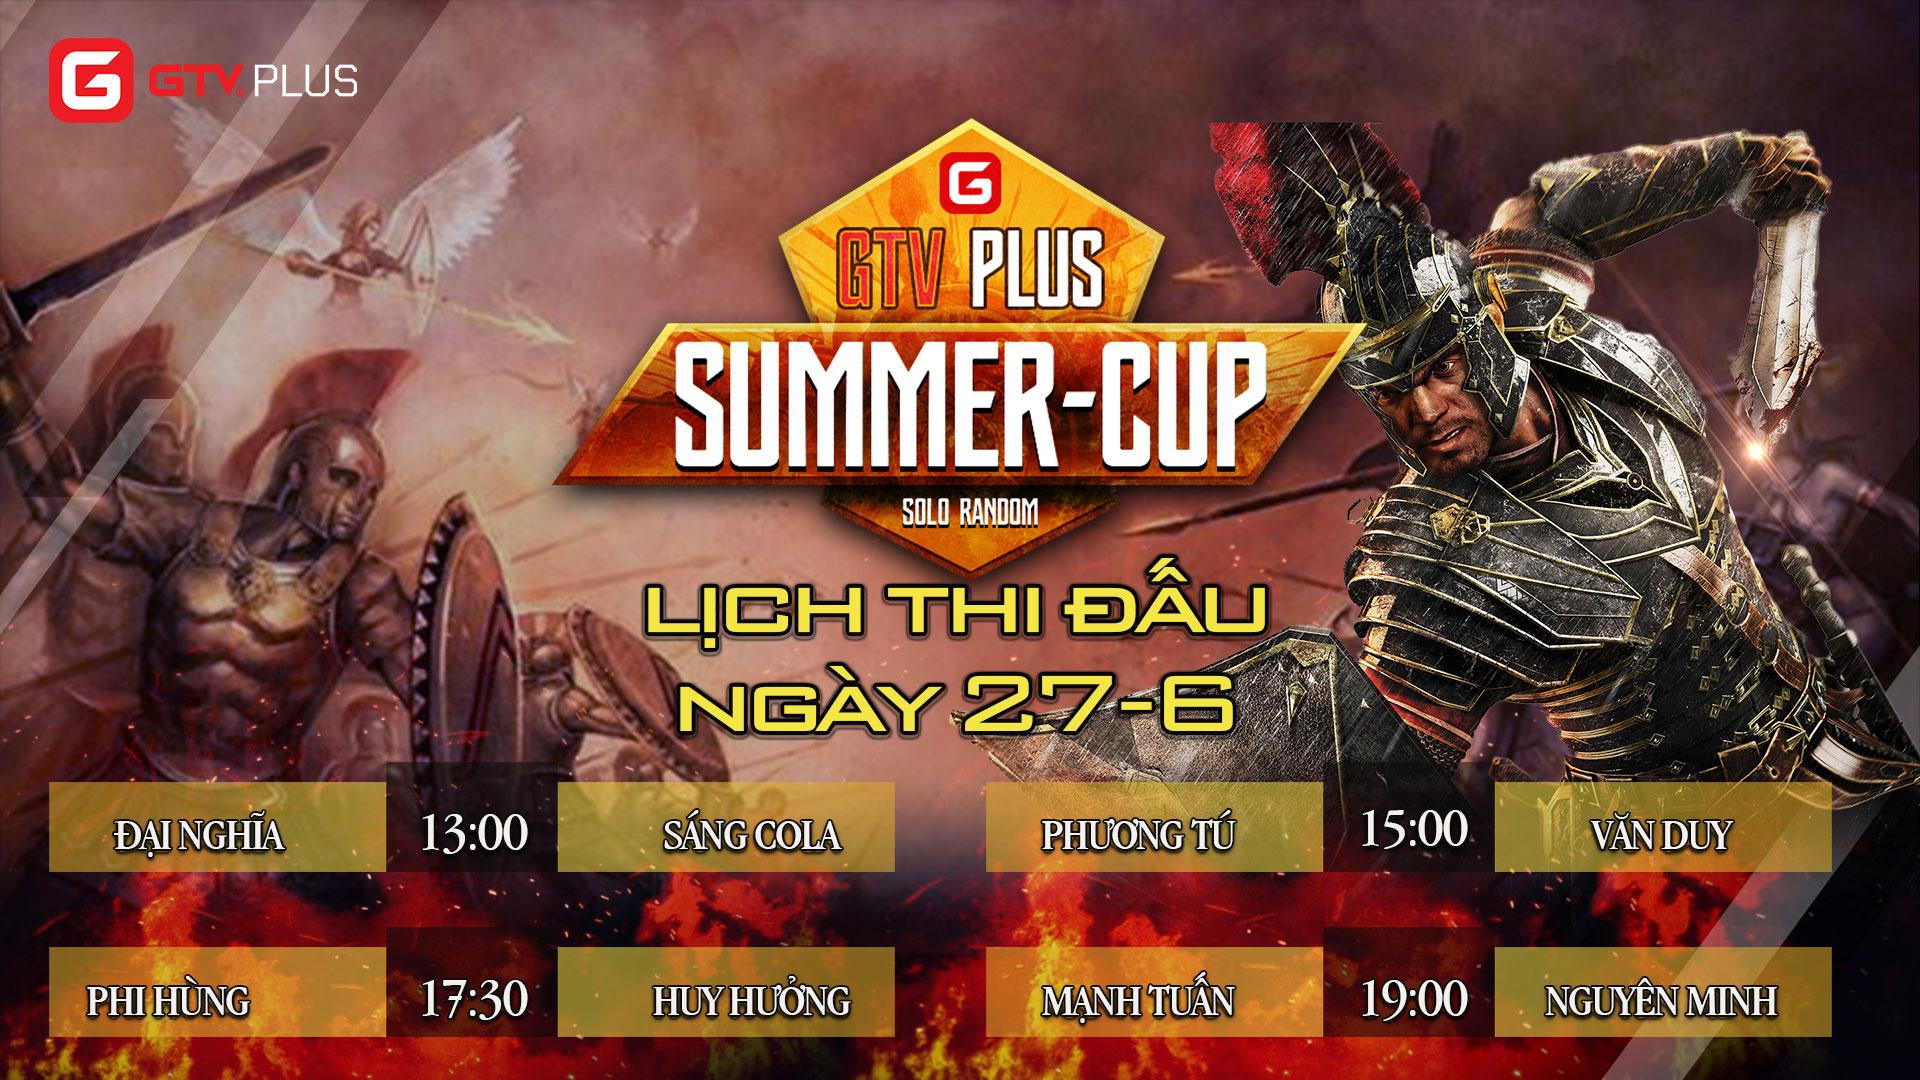 Lịch thi đấu ngày thi đấu ngày 27 tháng 6 Giải đấu AOE SUMMER CUP 2021